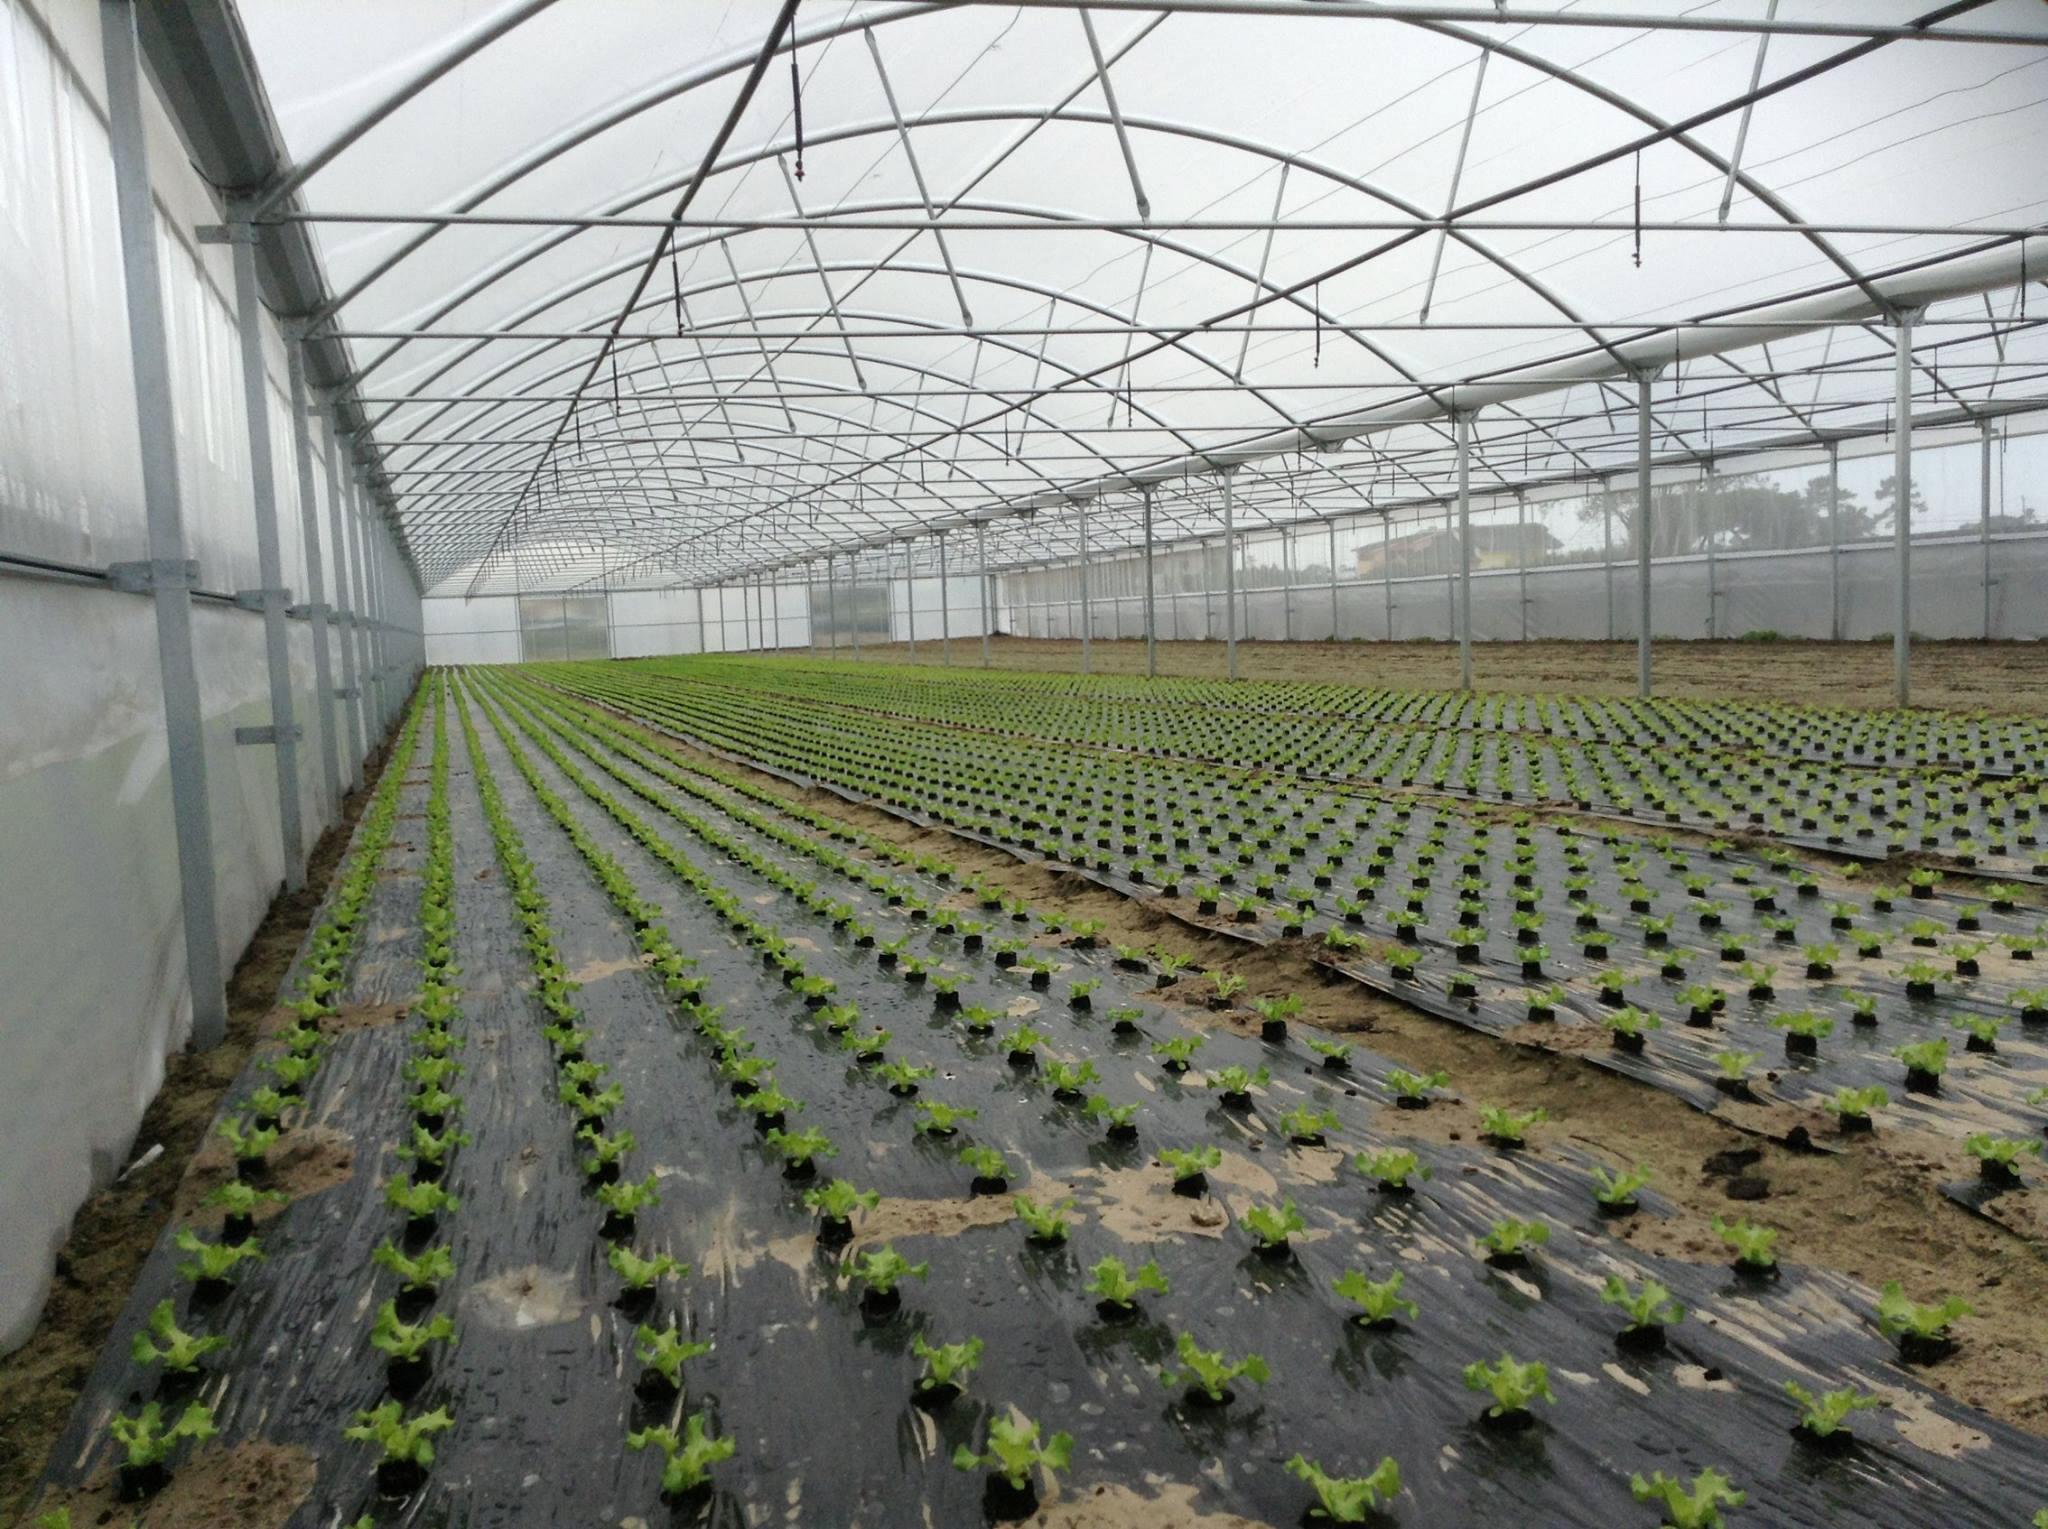 estufas agrícolas